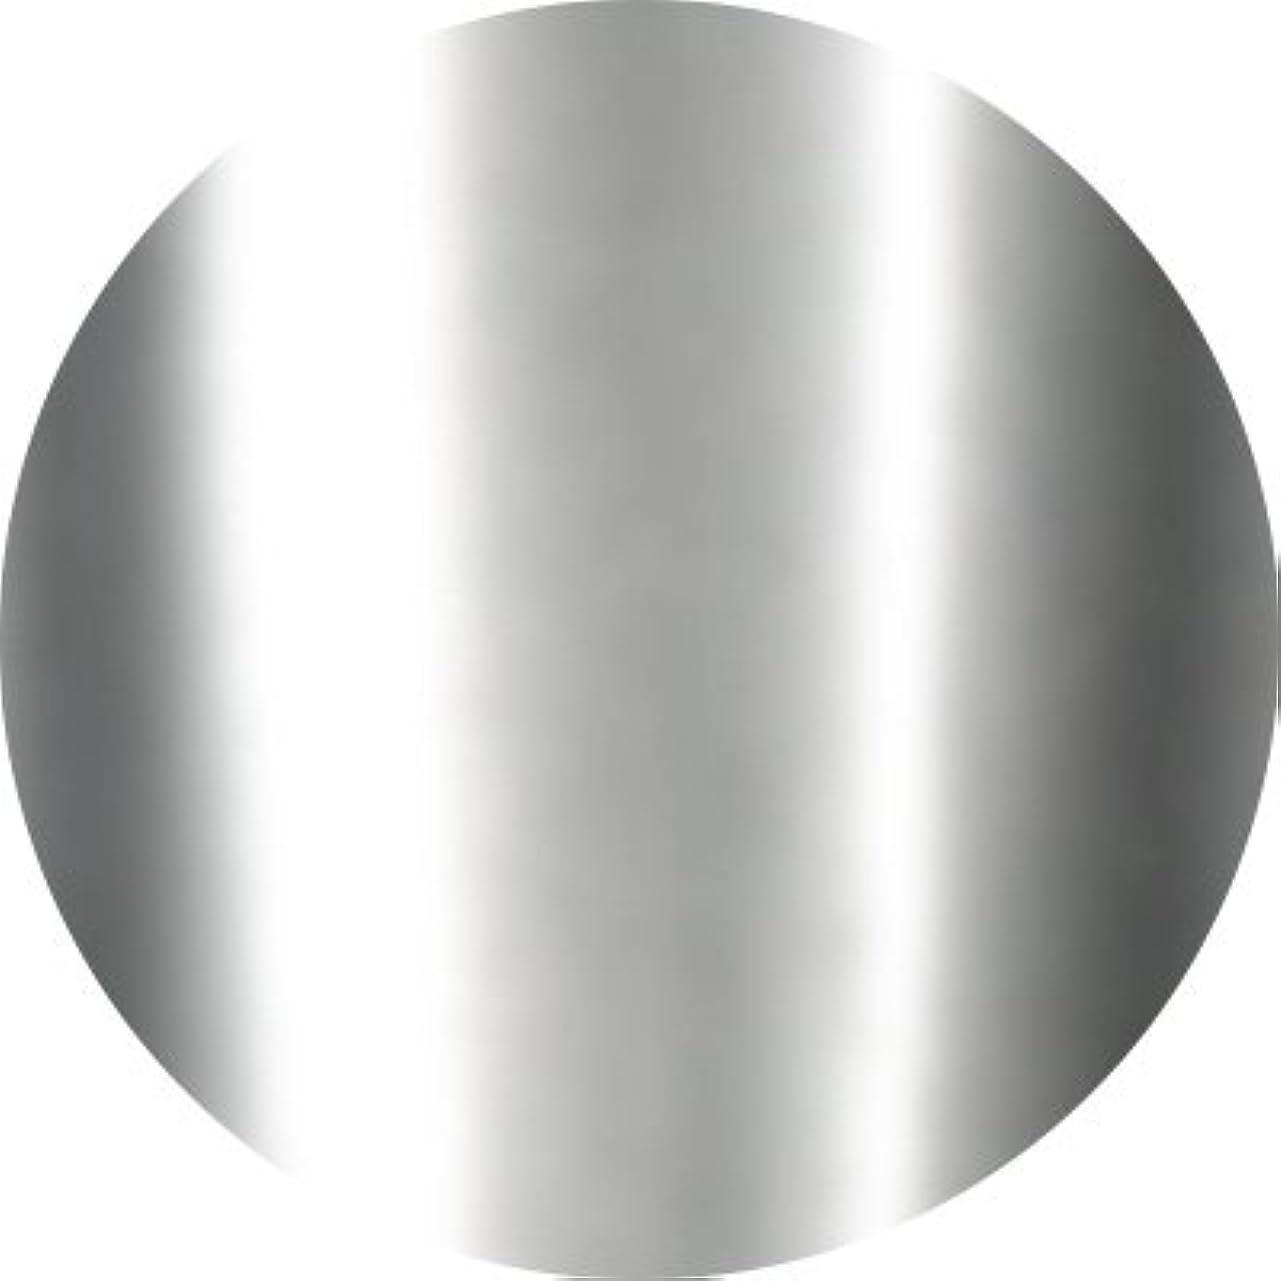 出しますビデオリングレットJewelry jel(ジュエリージェル) カラージェル 5ml<BR>ピッカピカメタリック MKシルバー